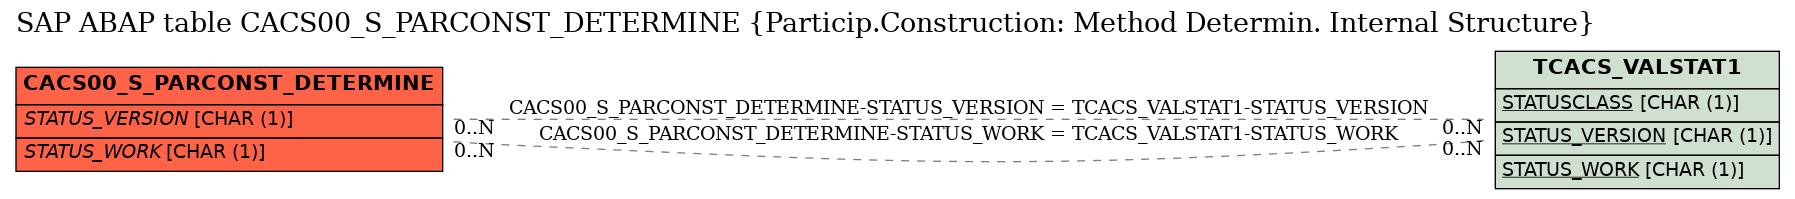 E-R Diagram for table CACS00_S_PARCONST_DETERMINE (Particip.Construction: Method Determin. Internal Structure)